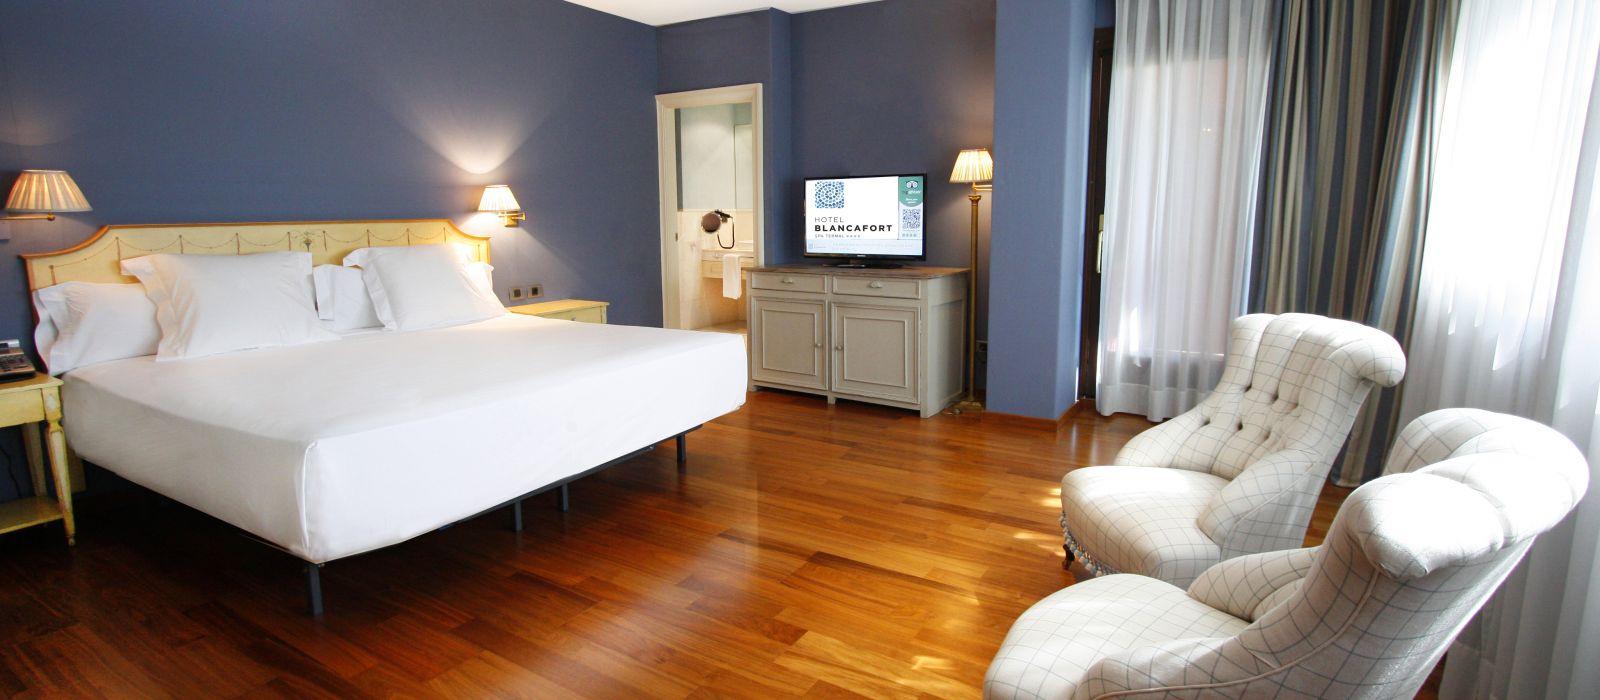 Suite Premium   Hotel Blancafort